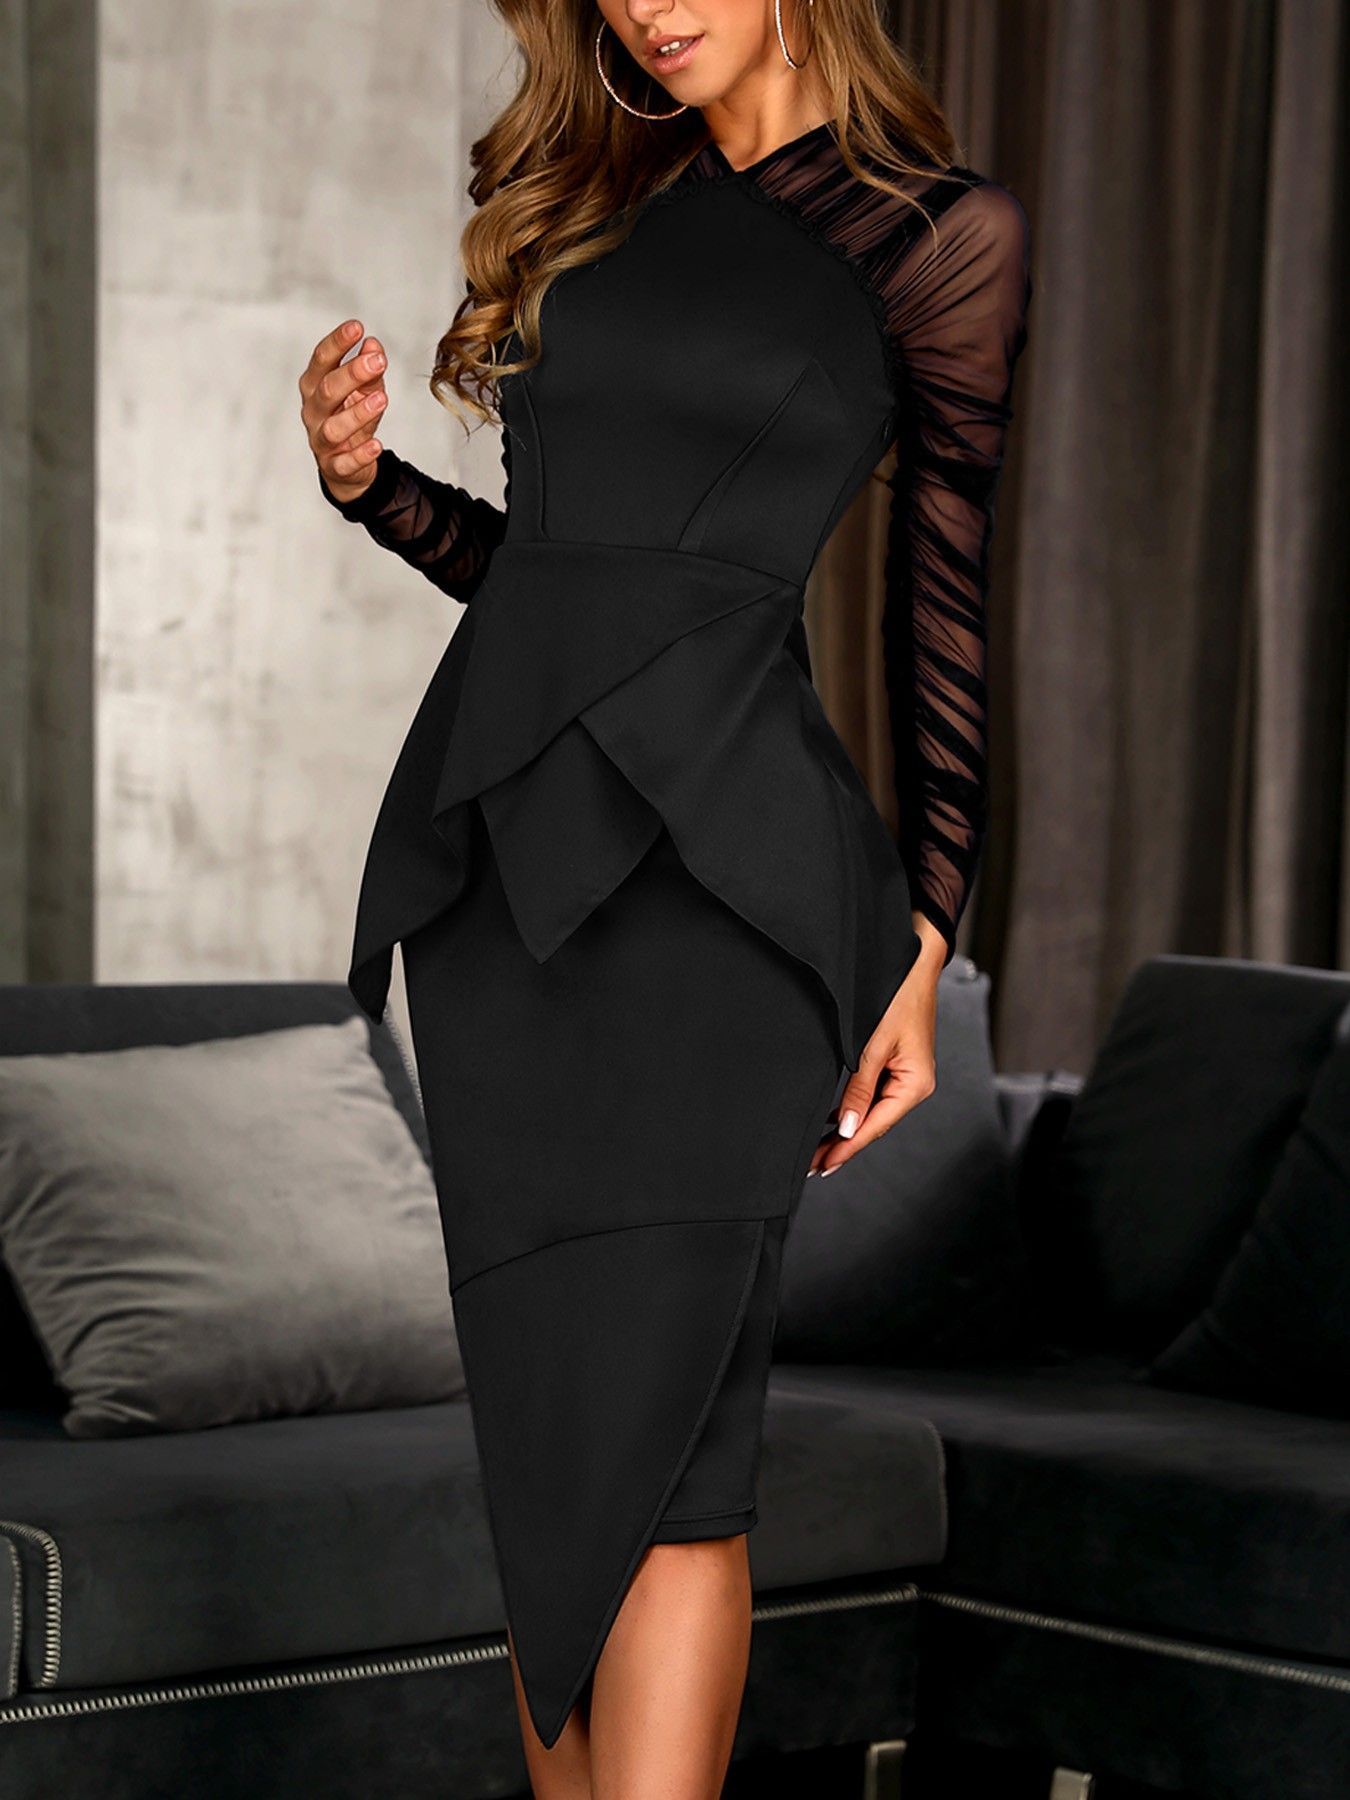 Mesh Sleeve Peplum Irregular Dress  Kleider mode, Kleider, Modestil